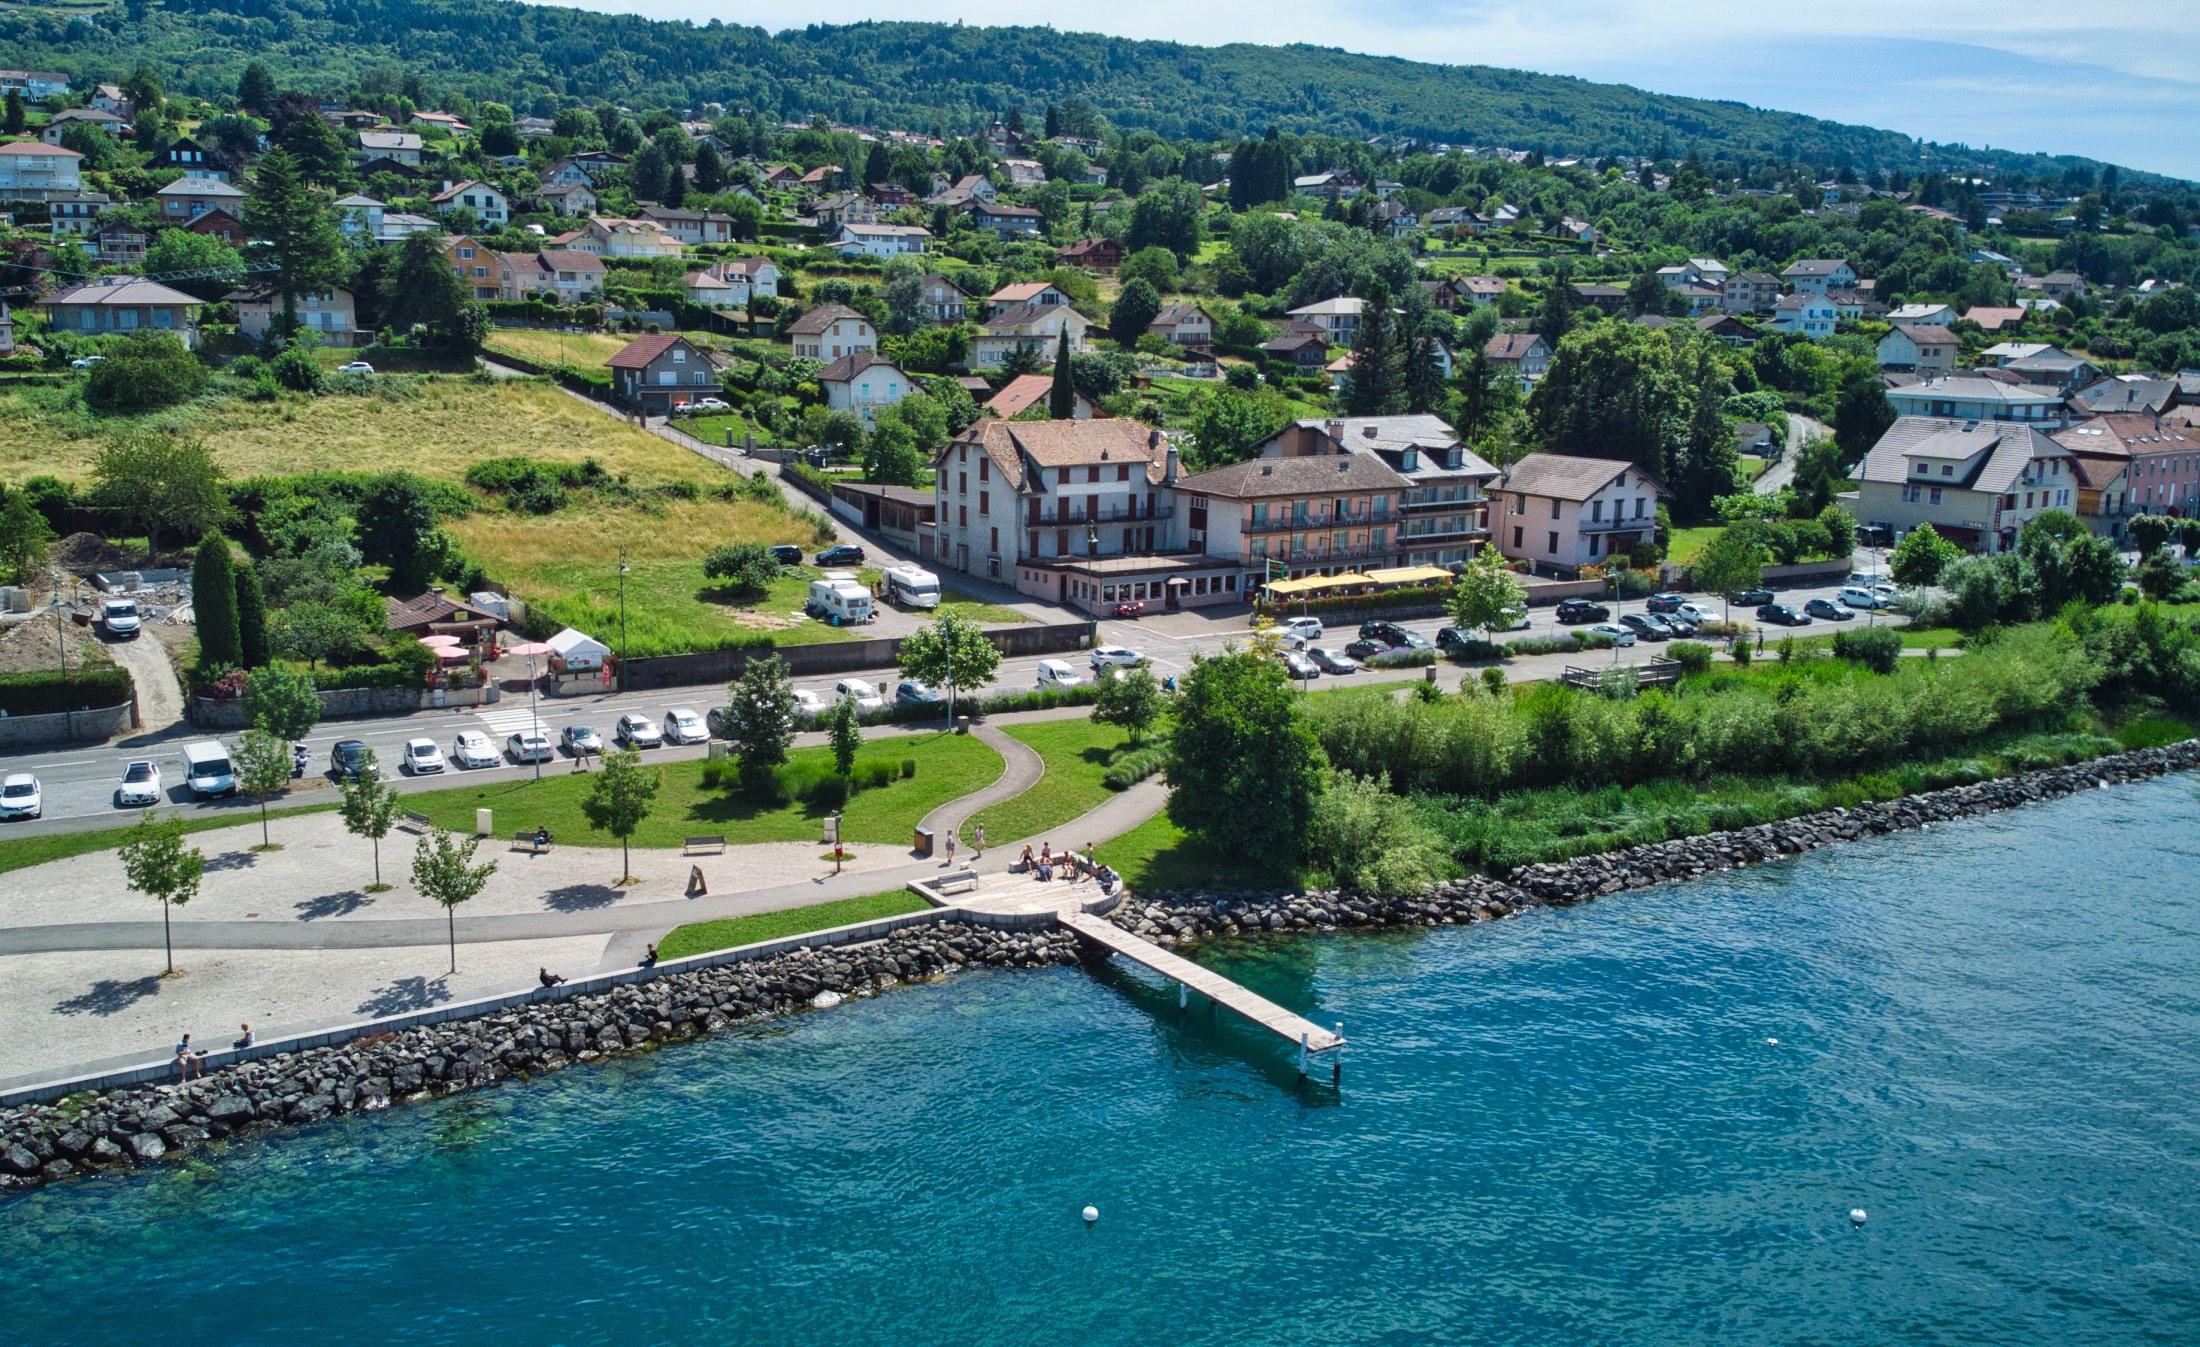 купить недвижимость на первой линии женевского озера